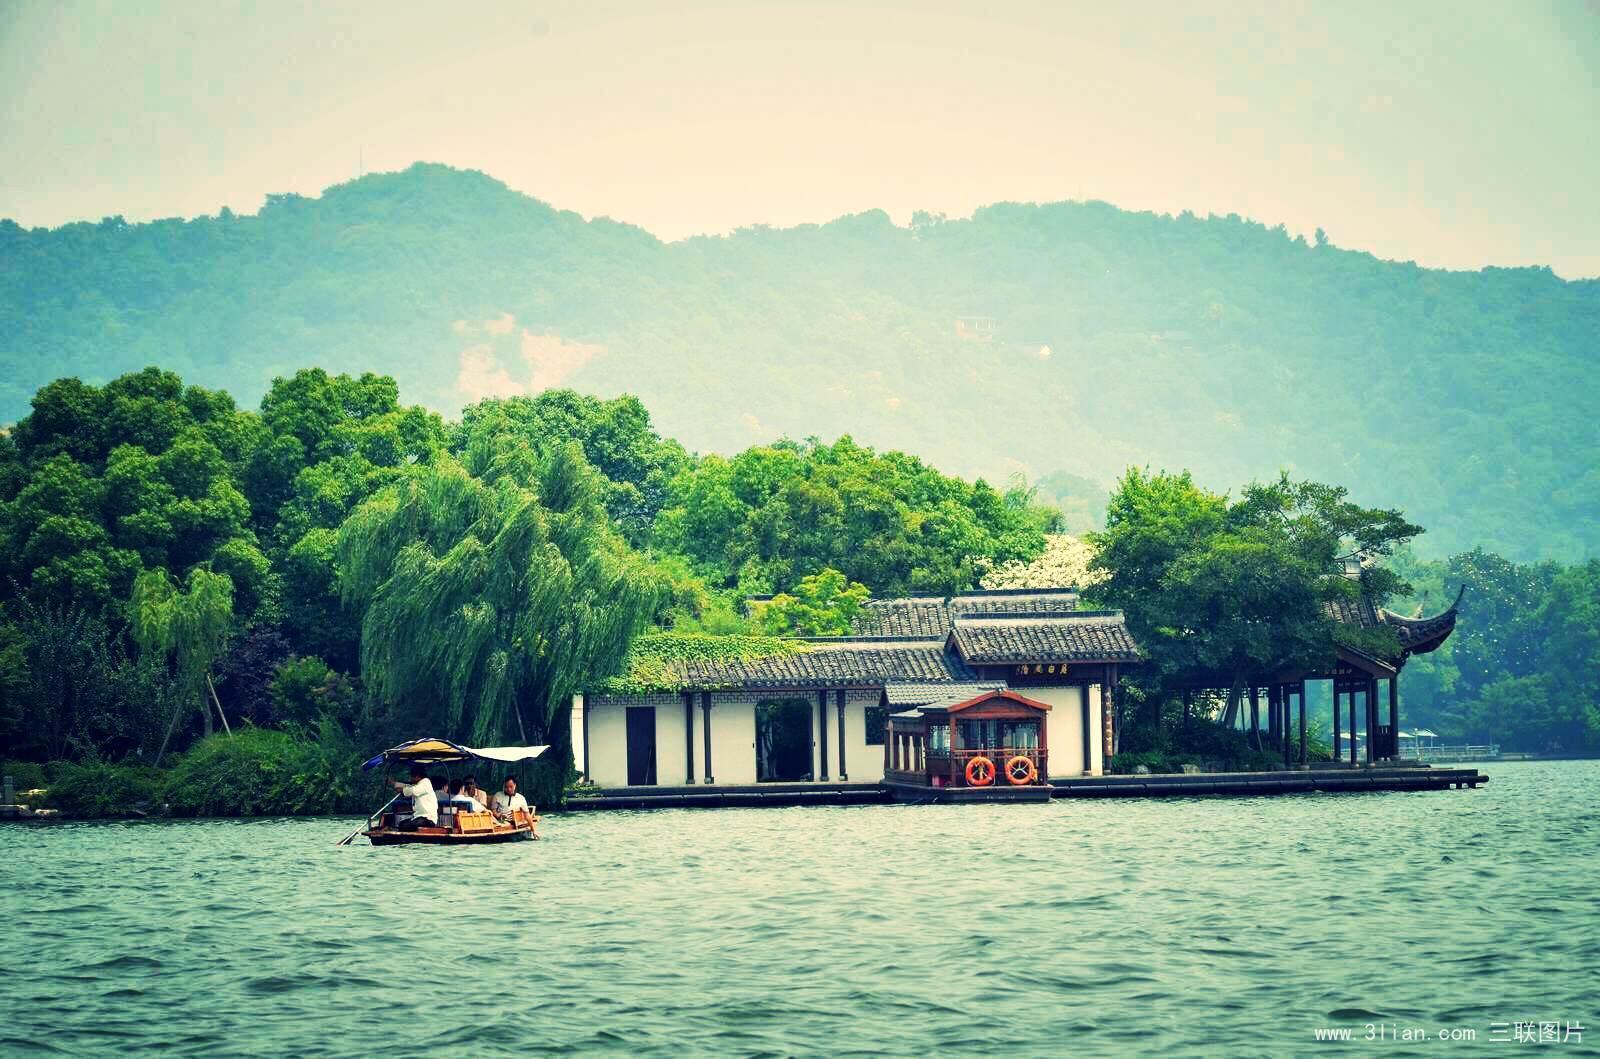 西湖PPT背景图片免费下载是由PPT宝藏(www.pptbz.com)会员zengmin上传推荐的风景PPT背景图片, 更新时间为2016-09-22,素材编号103160。 西湖,位于浙江省杭州市西部,是中国主要的观赏性淡水湖泊,也是中国首批国家重点风景名胜区。西湖三面环山,面积约6.39平方千米,东西宽约2.